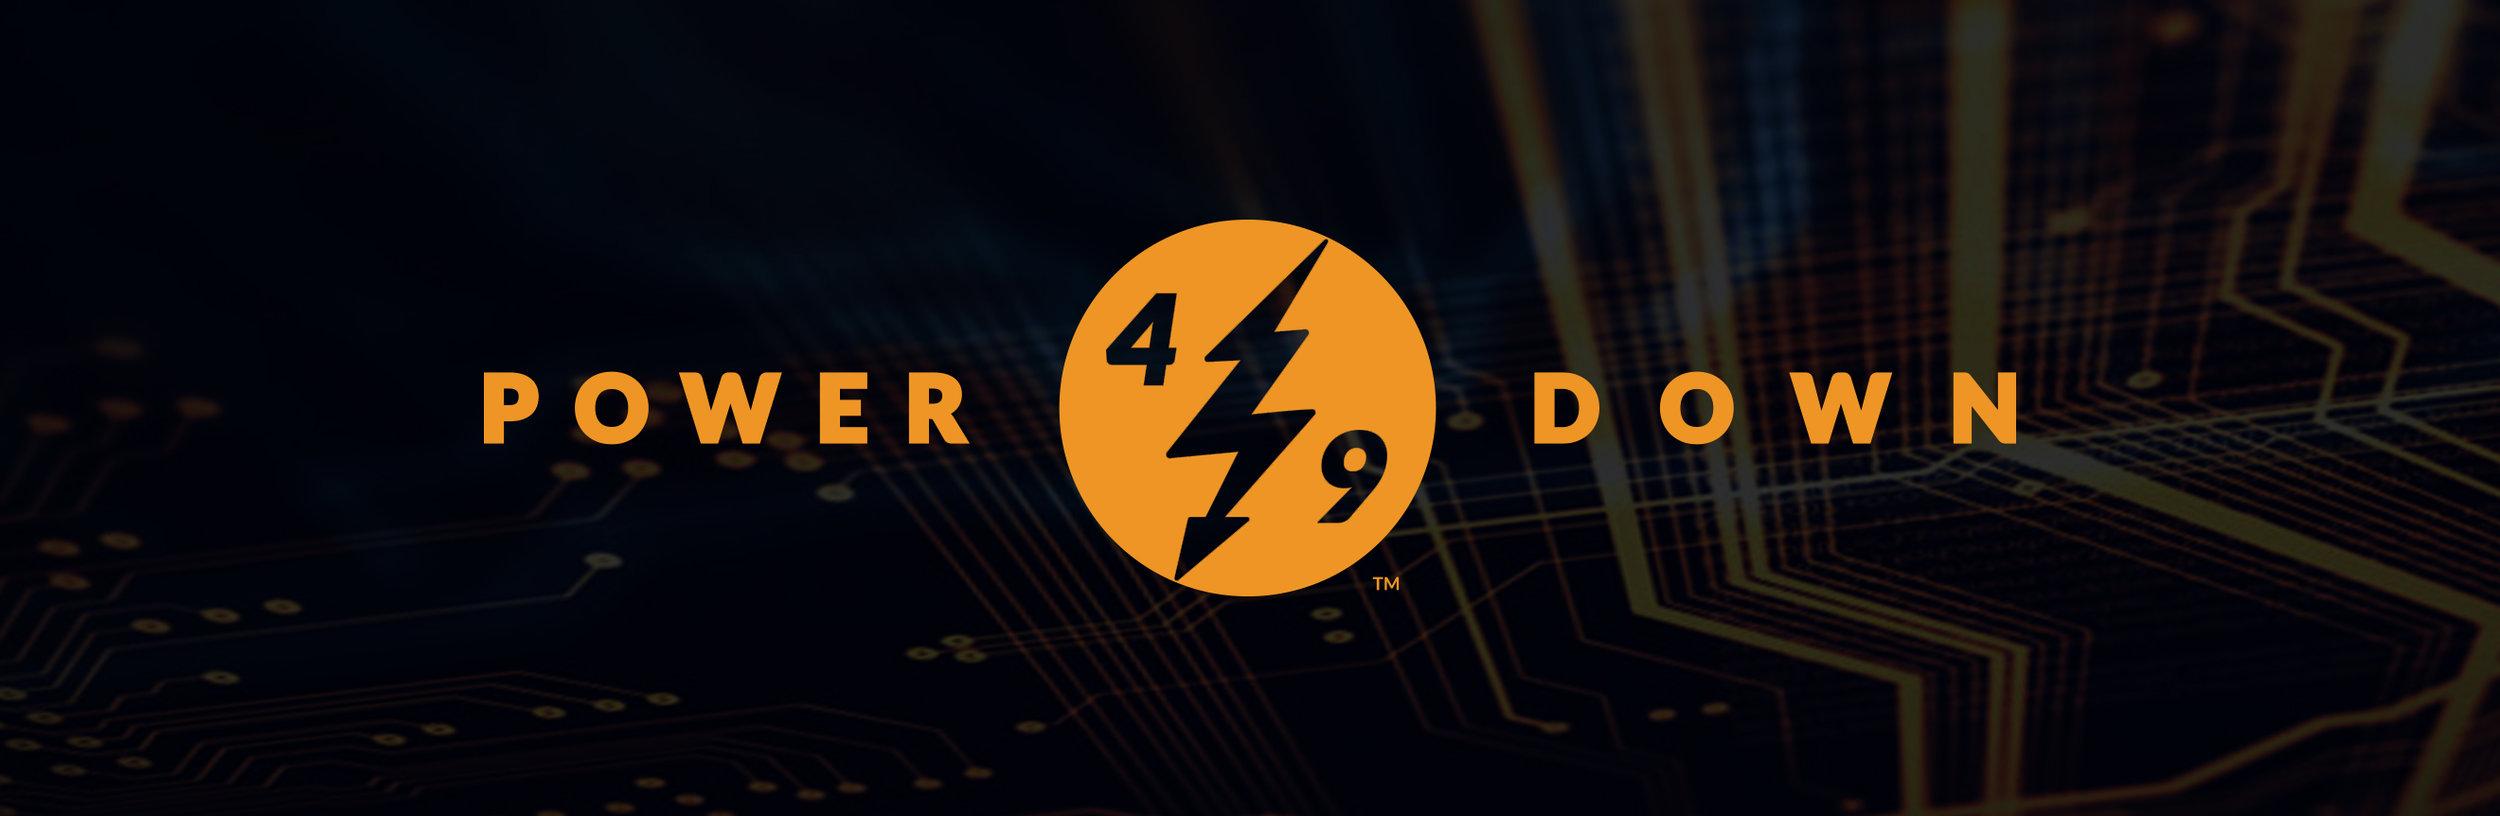 49powerdown.jpg